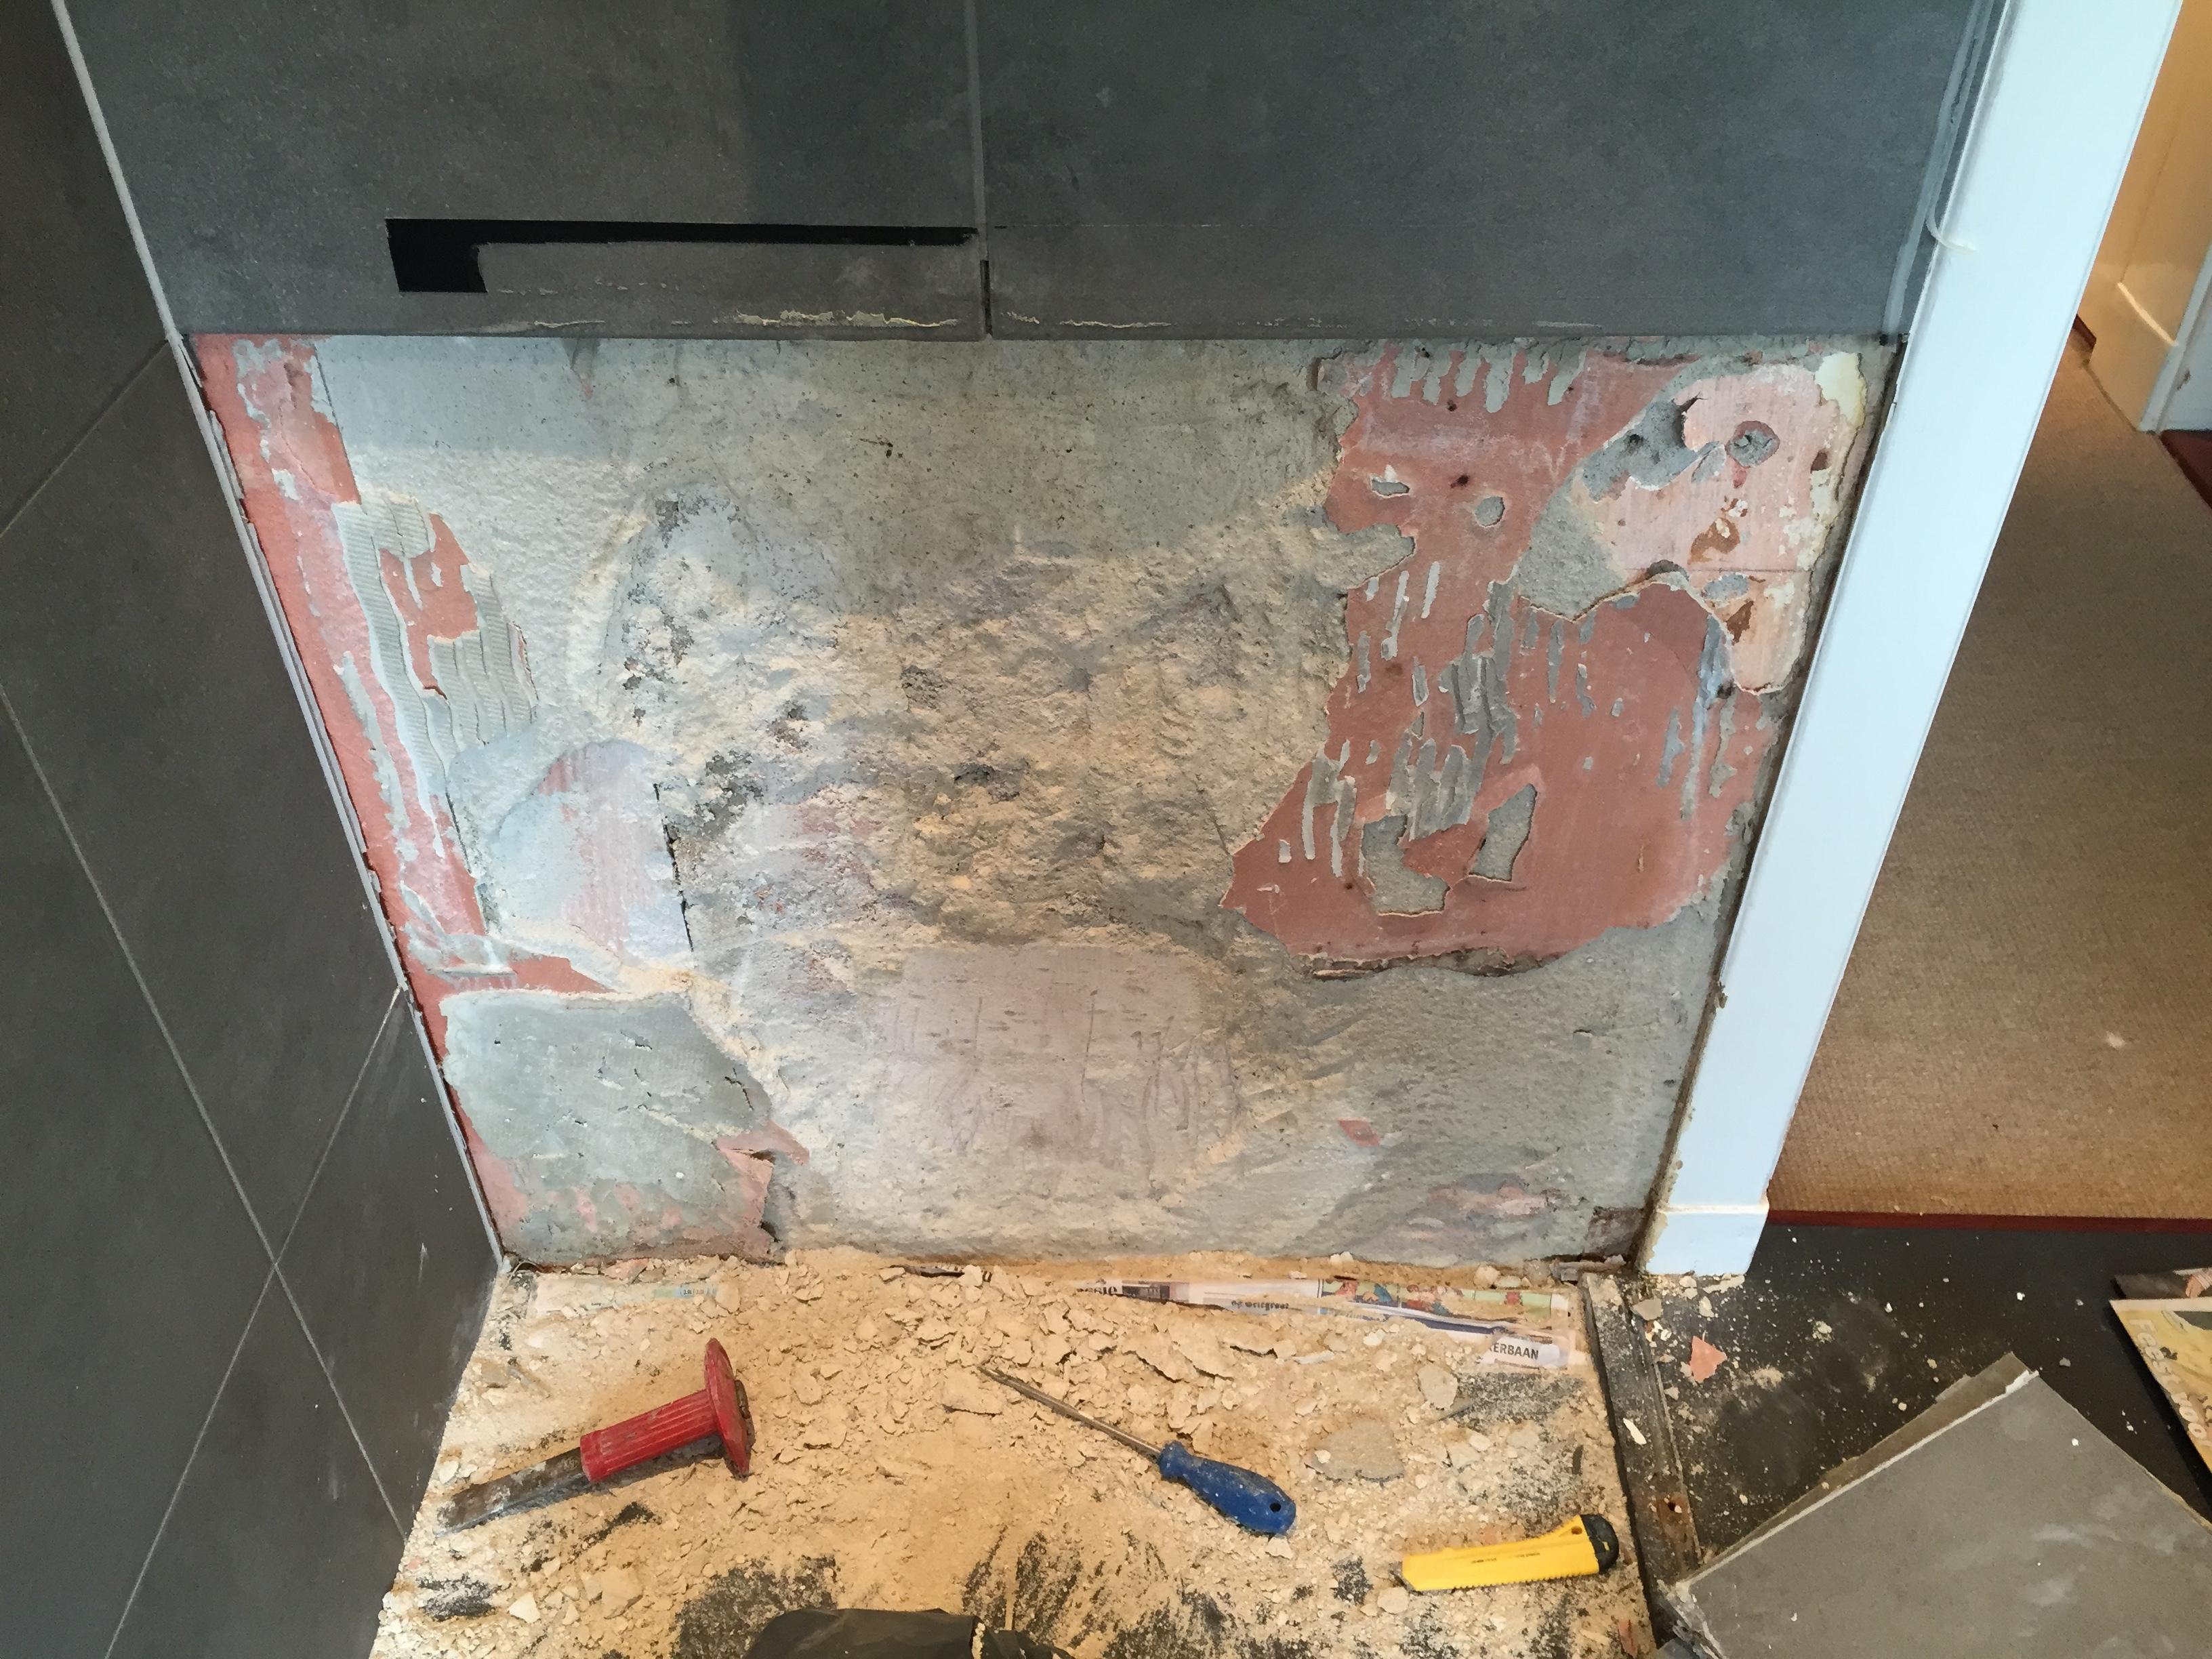 Stucwerk Badkamer Waterdicht : Beton cire badkamer ervaring mit stuc floor tadelakt waterdichte